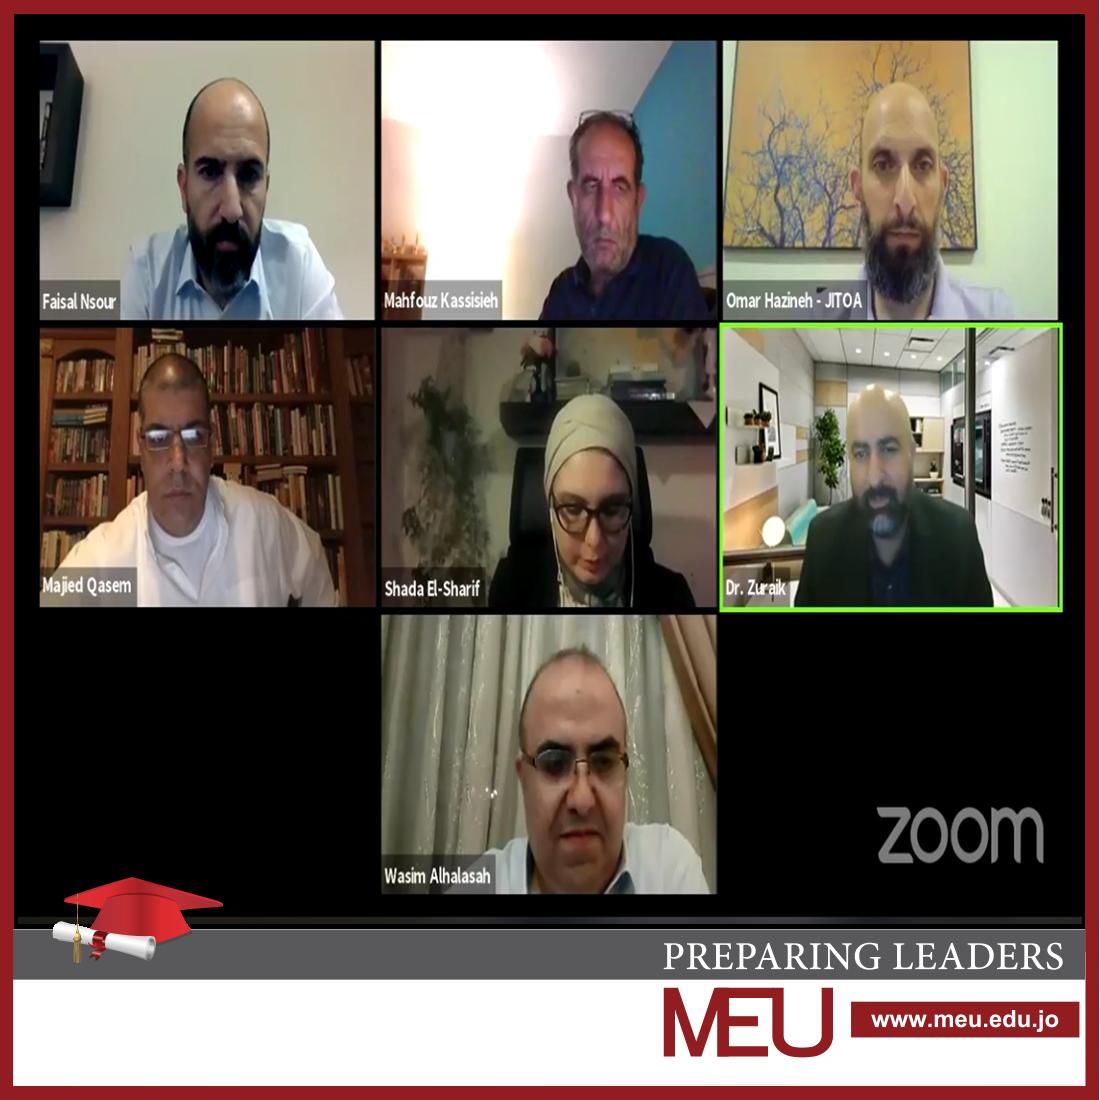 جامعة الشرق الأوسط MEU تشارك في الجلسة الحوارية الأولى لهاكاثون المئوية